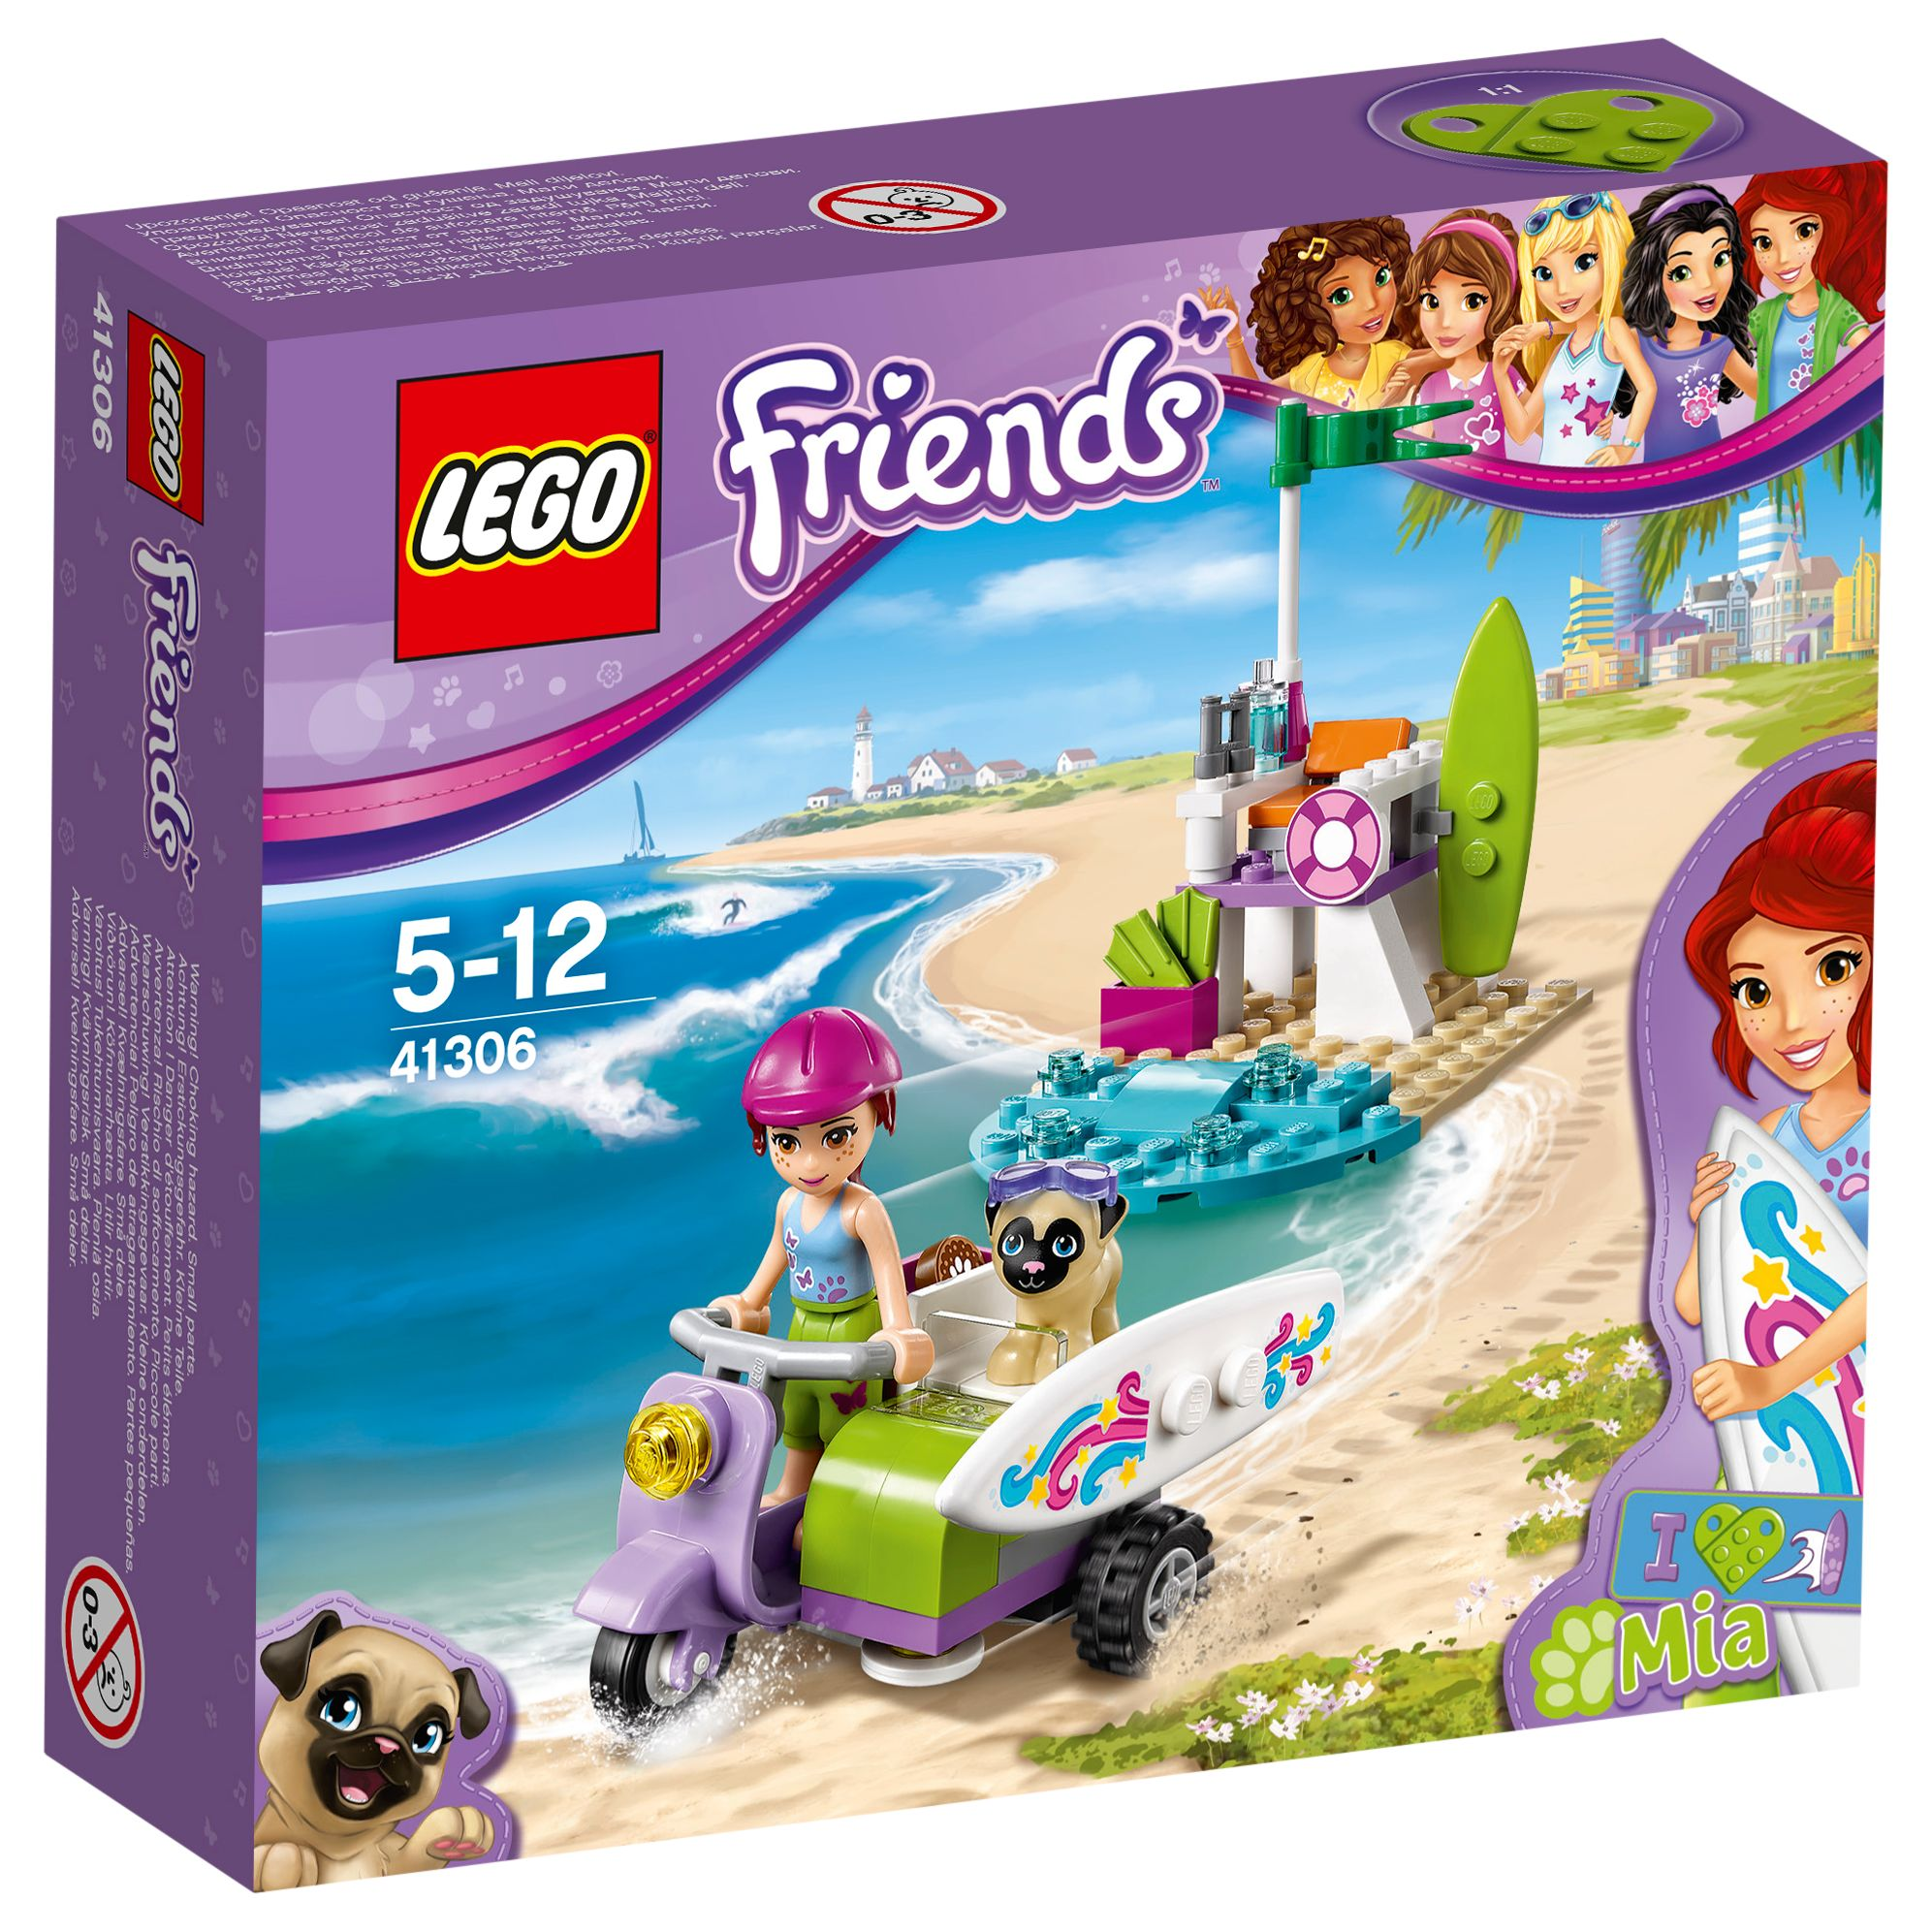 Lego LEGO Friends 41306 Mia's Beach Scooter